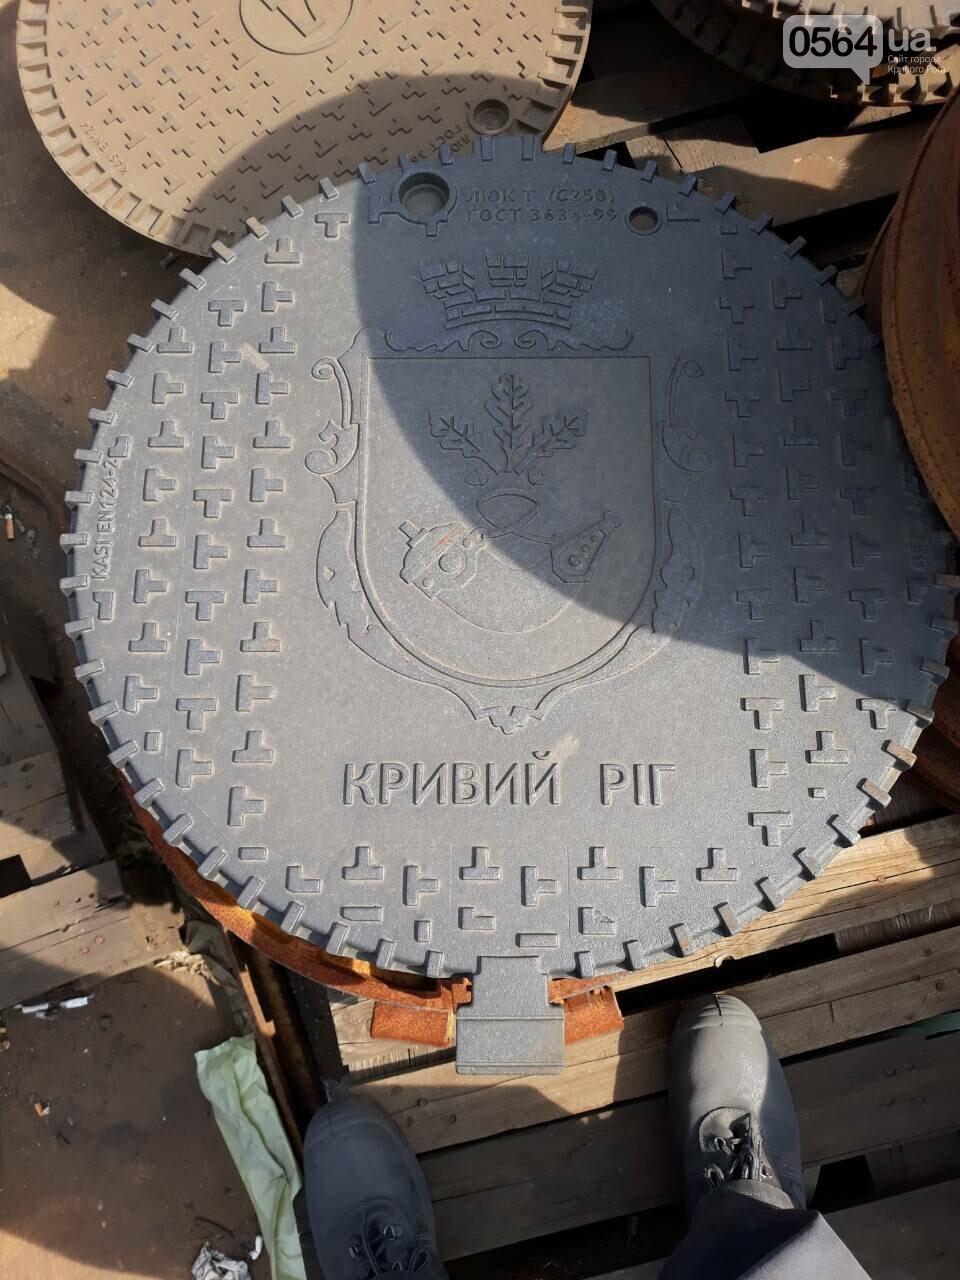 """Криворожанин возмутился, узнав, что """"стальное сердце Украины"""" закупает металлические люки в Чехии, - ФОТО, ВИДЕО, фото-1"""